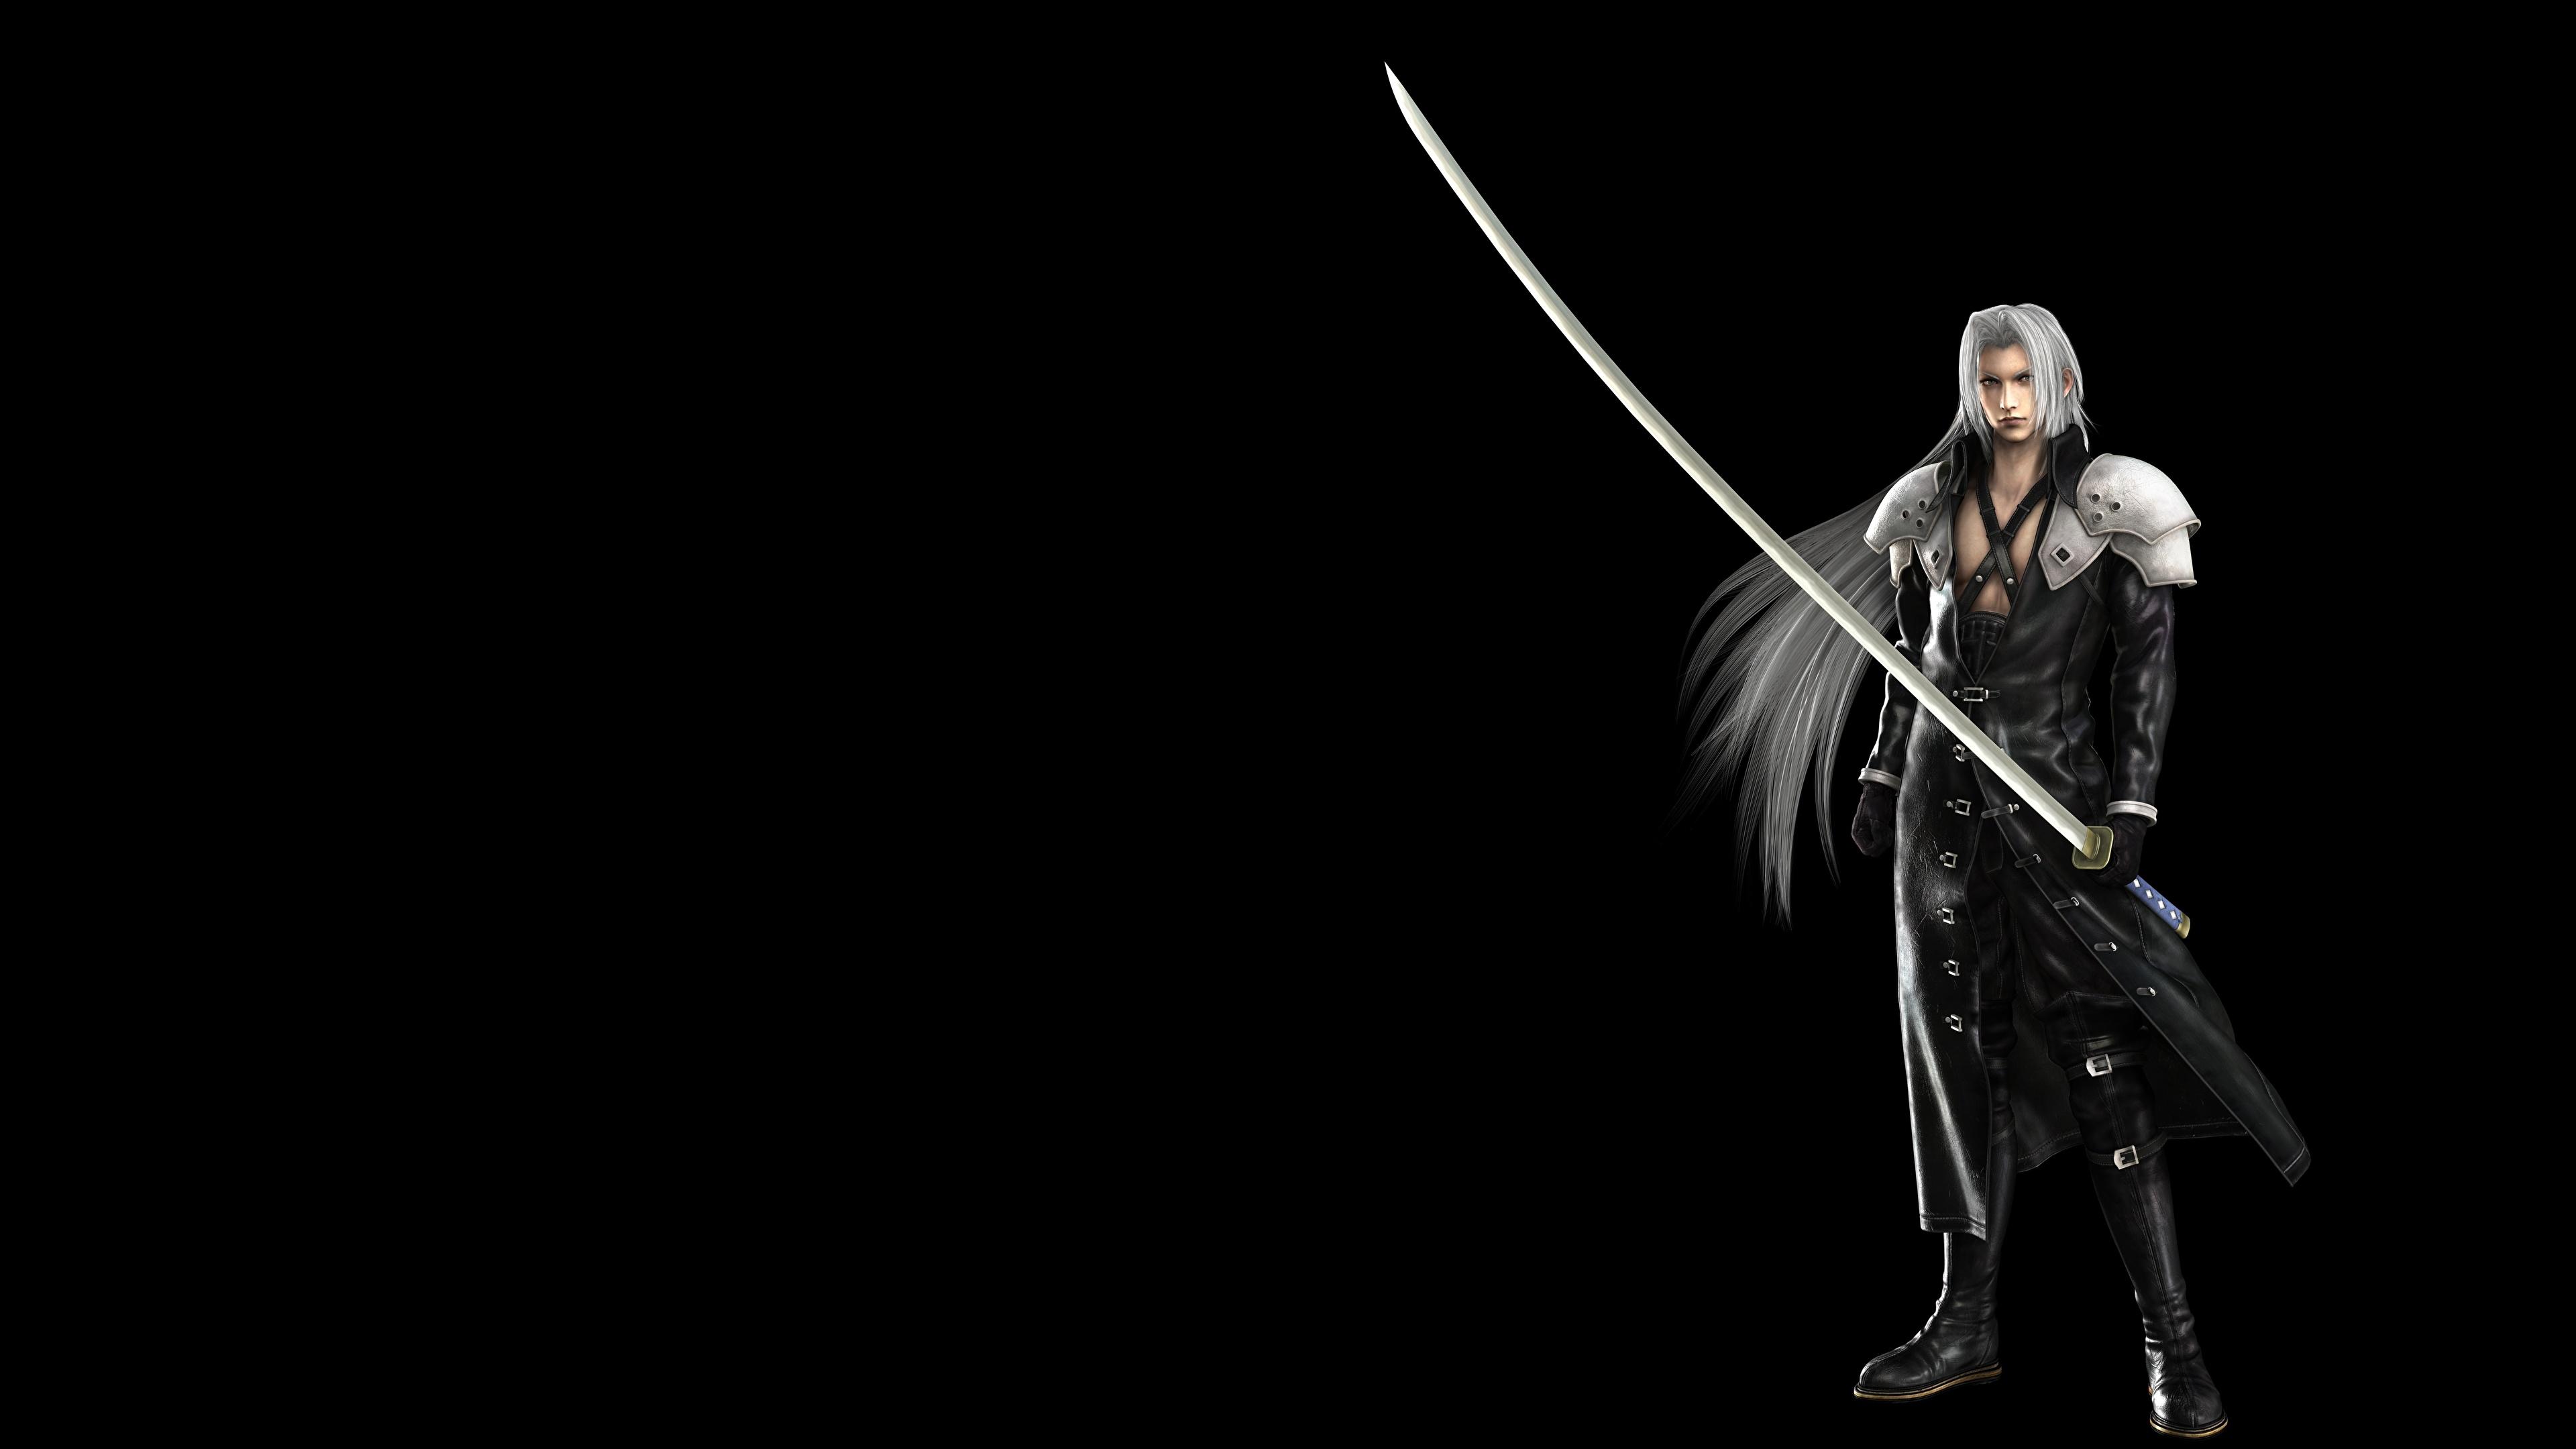 Фото Final Fantasy с саблей Воители Sephiroth 3D Графика компьютерная игра Черный фон 3840x2160 Сабли воин воины 3д Игры на черном фоне